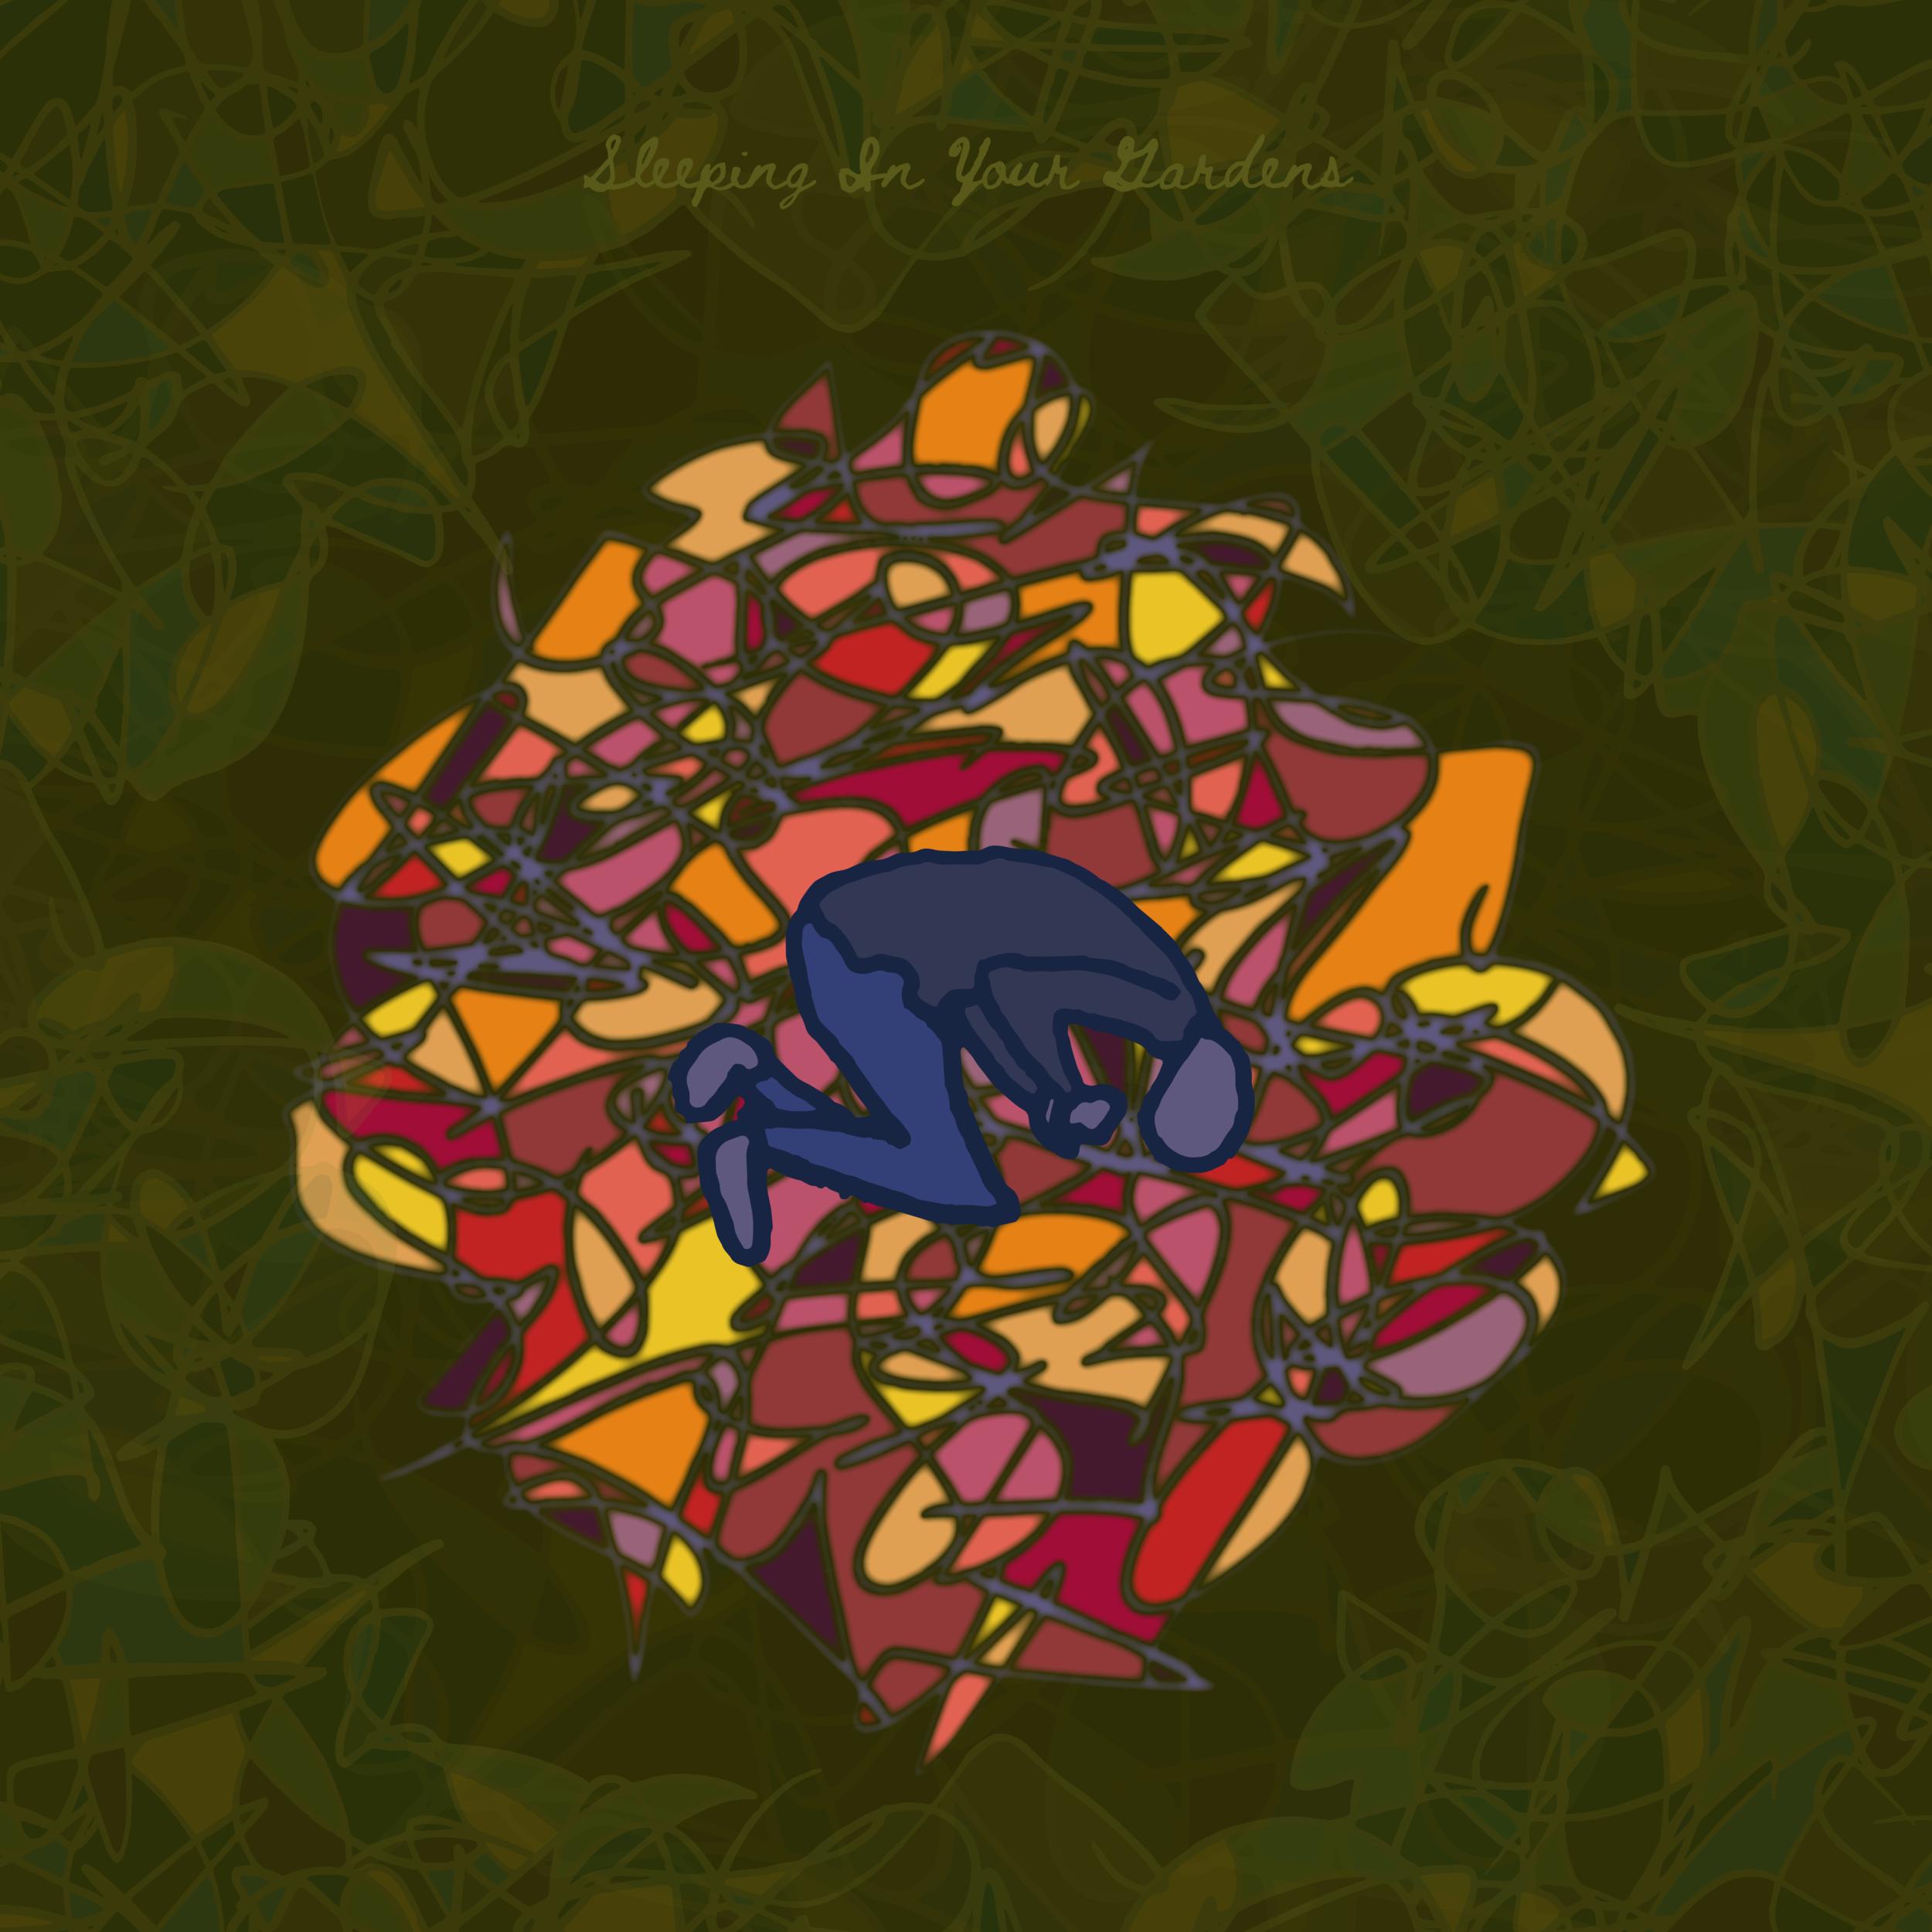 sleeping in your gardenssss-01.PNG